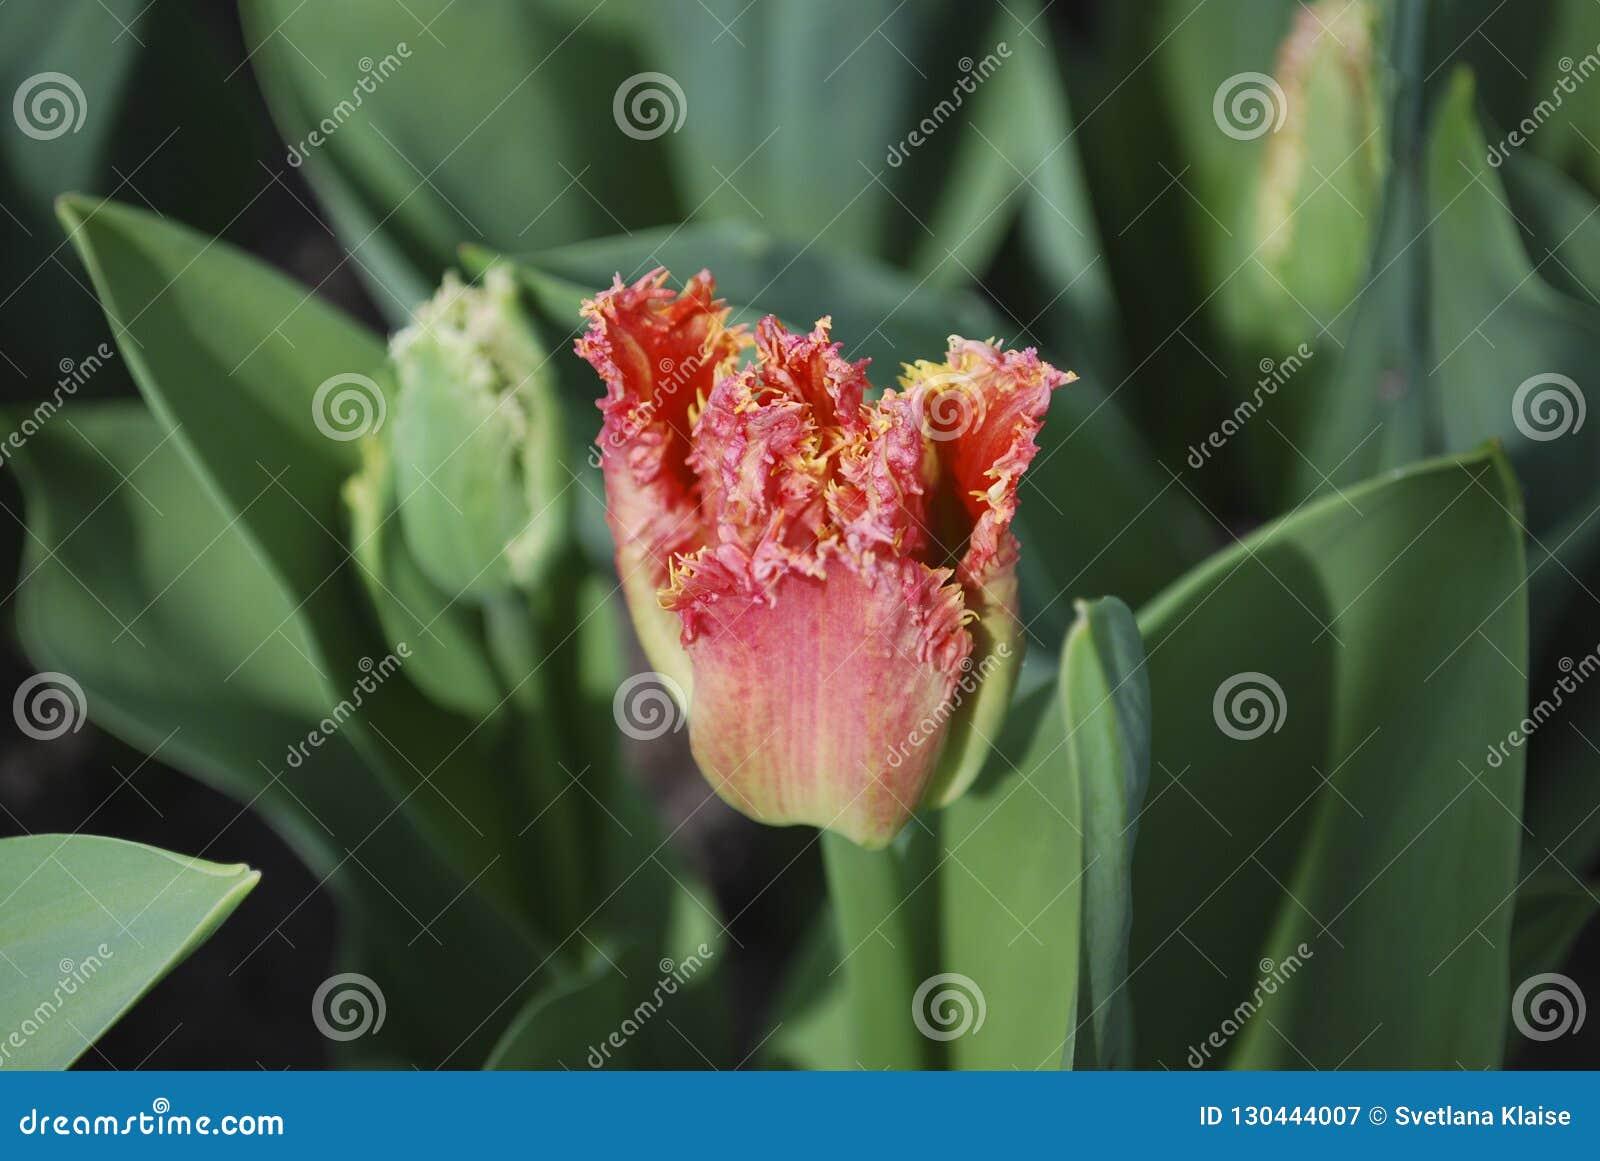 Tulip Joint Devison Fringed Group växer i blomsterrabatten